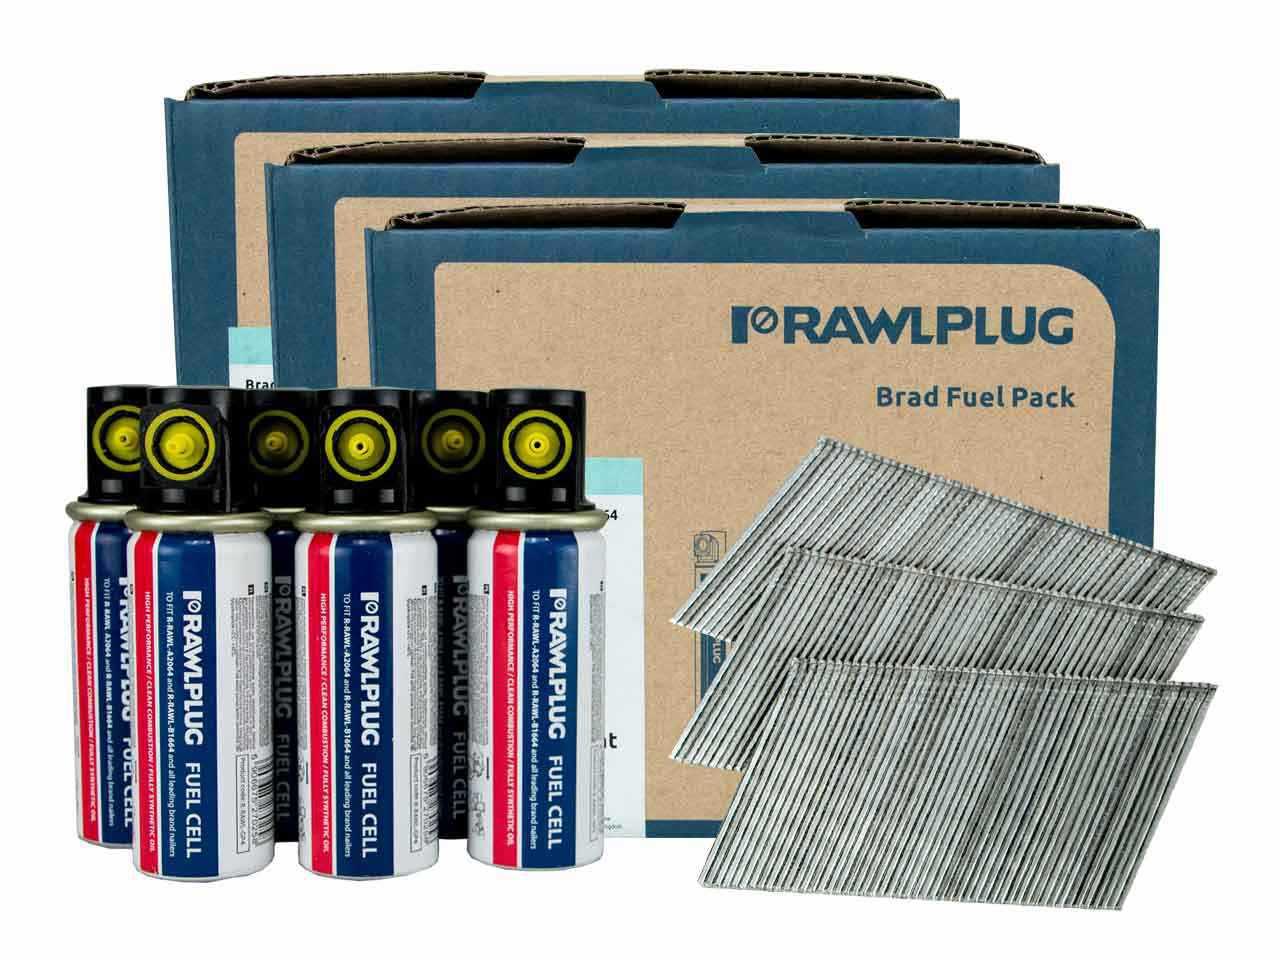 Rawlplug_BRADS20643.jpg